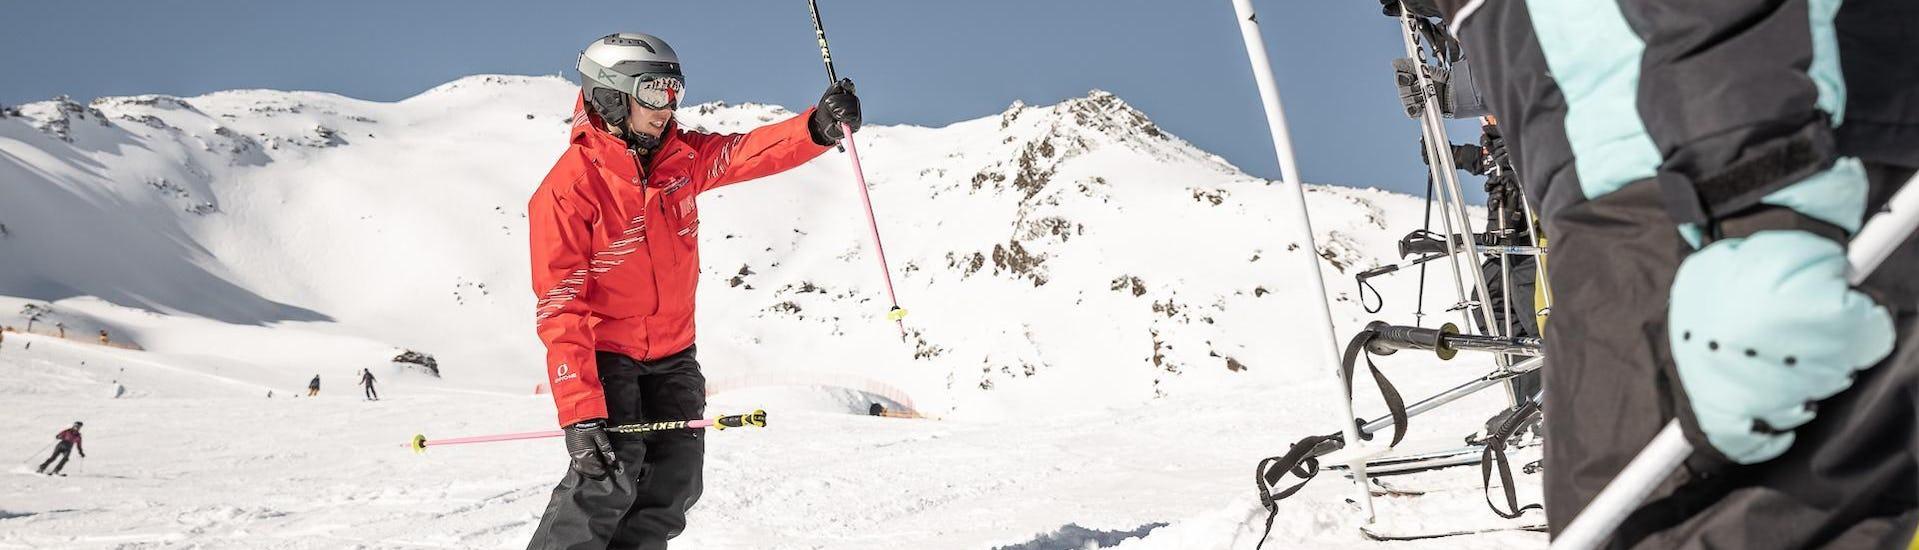 Eine Gruppe Skifahrer nimmt an der von der Ski- und Snowboardschule Vacancia organisierten Aktivität Privater Skikurs für Gruppen - Alle Levels teil.